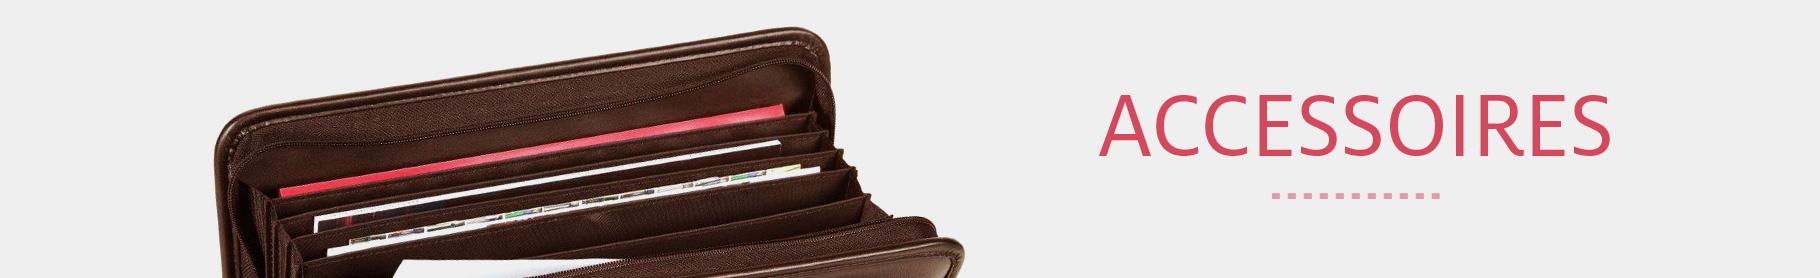 Accessoires – Zakelijke koffers en tassen